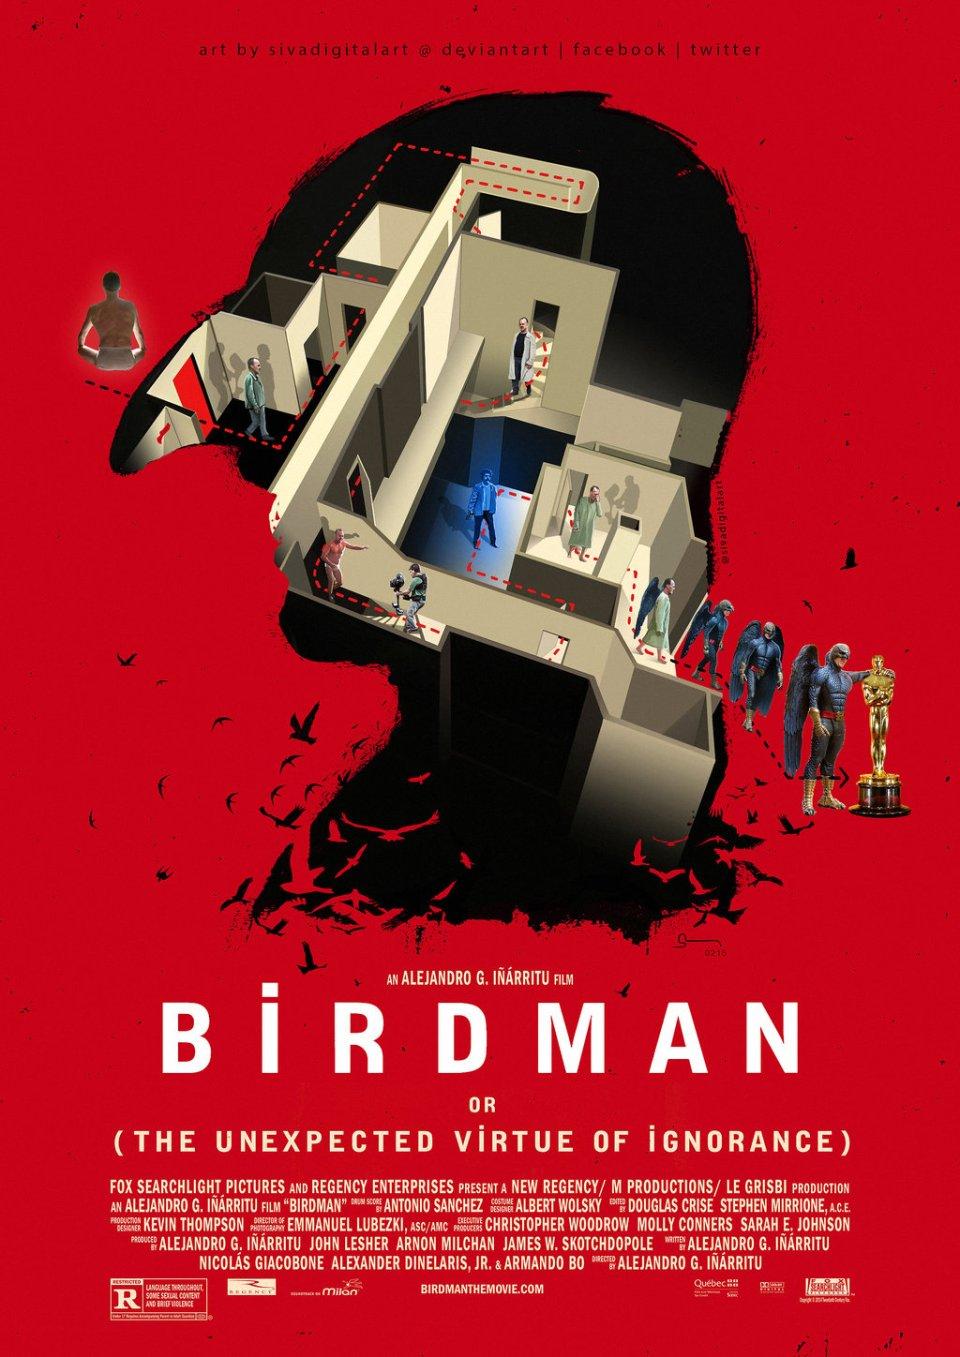 birdman_2014___fanart_poster__by_sivadigitalart-d8ja0o0 (1)